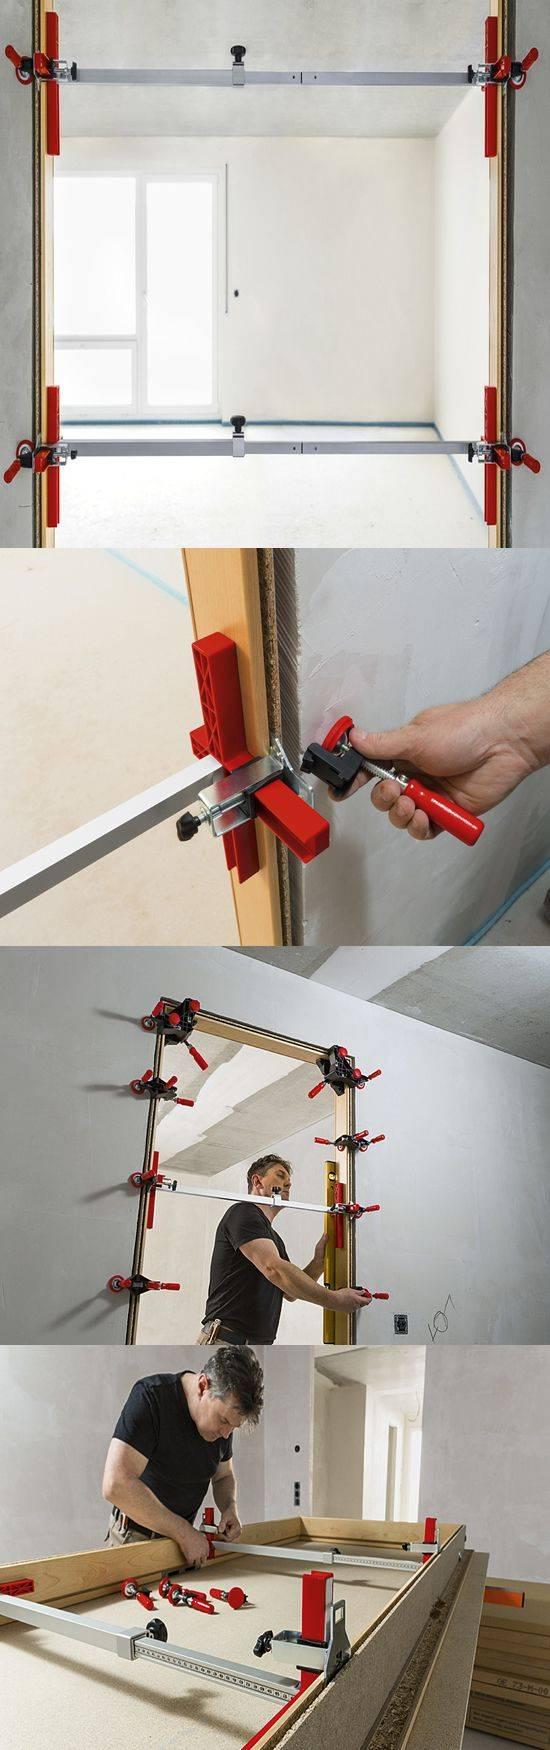 Bessey-herramienta para marcos block de puertas - Tecnocorte